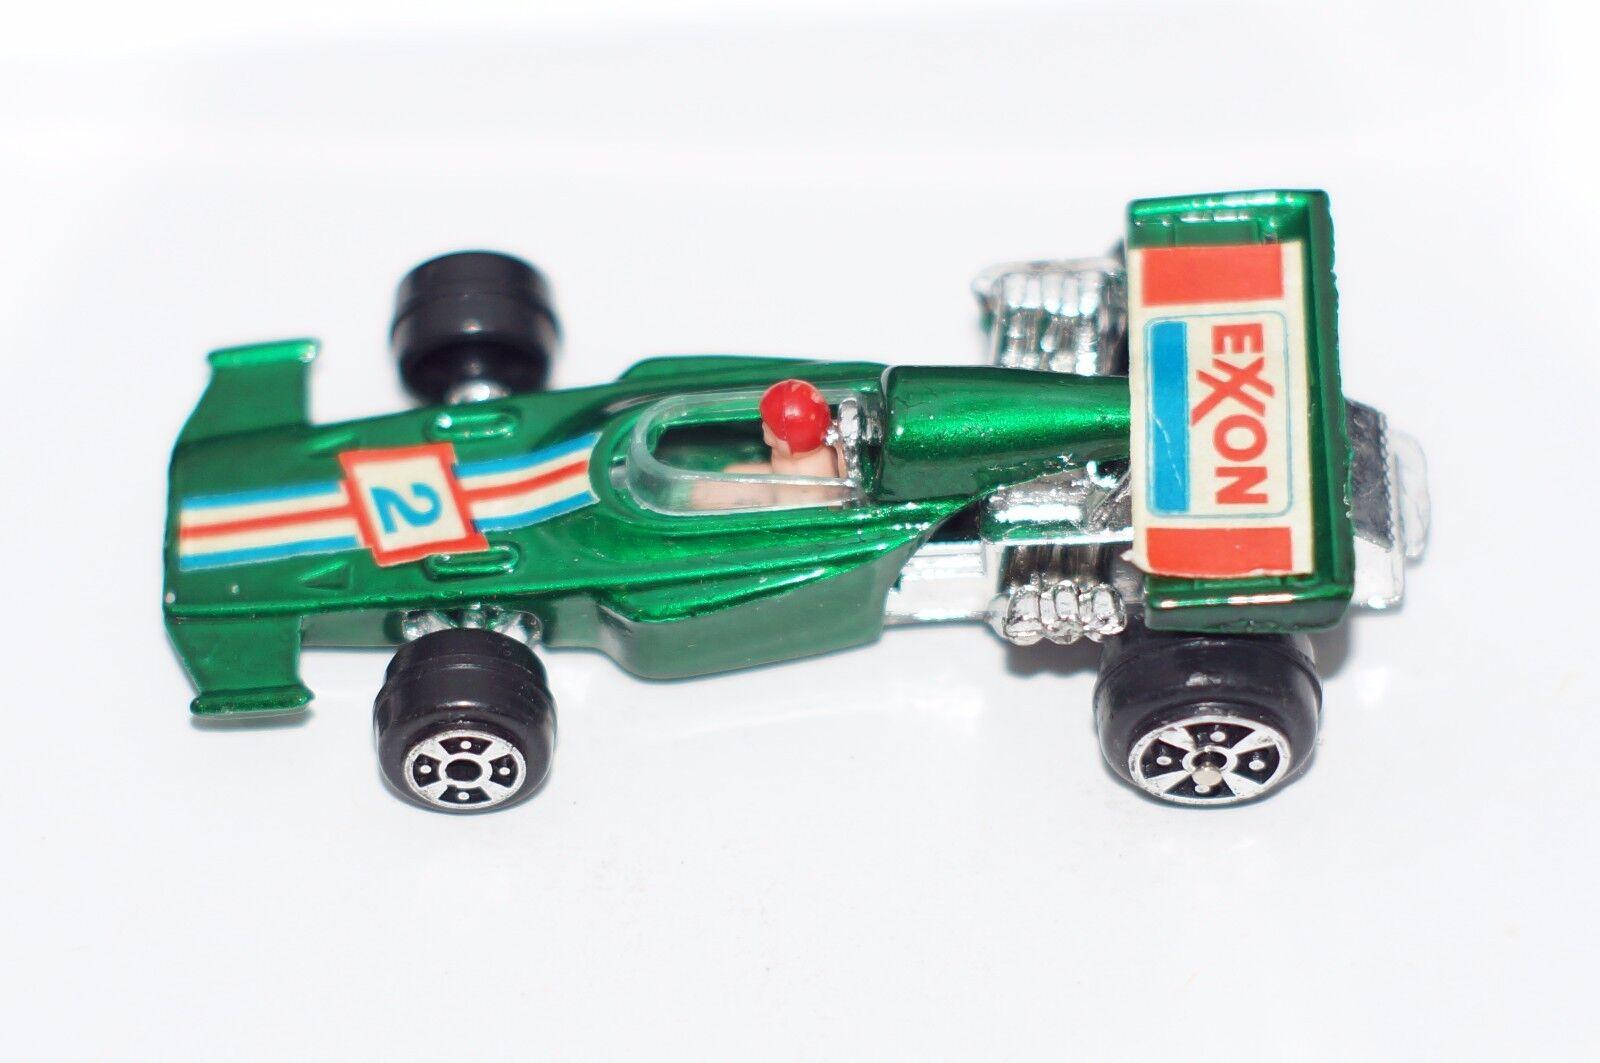 ORIGINAL Yatming (Yat Ming) - Ferrari No 1302 1302 1302 - Green color Exxon 2 - Hong Kong 52e02e